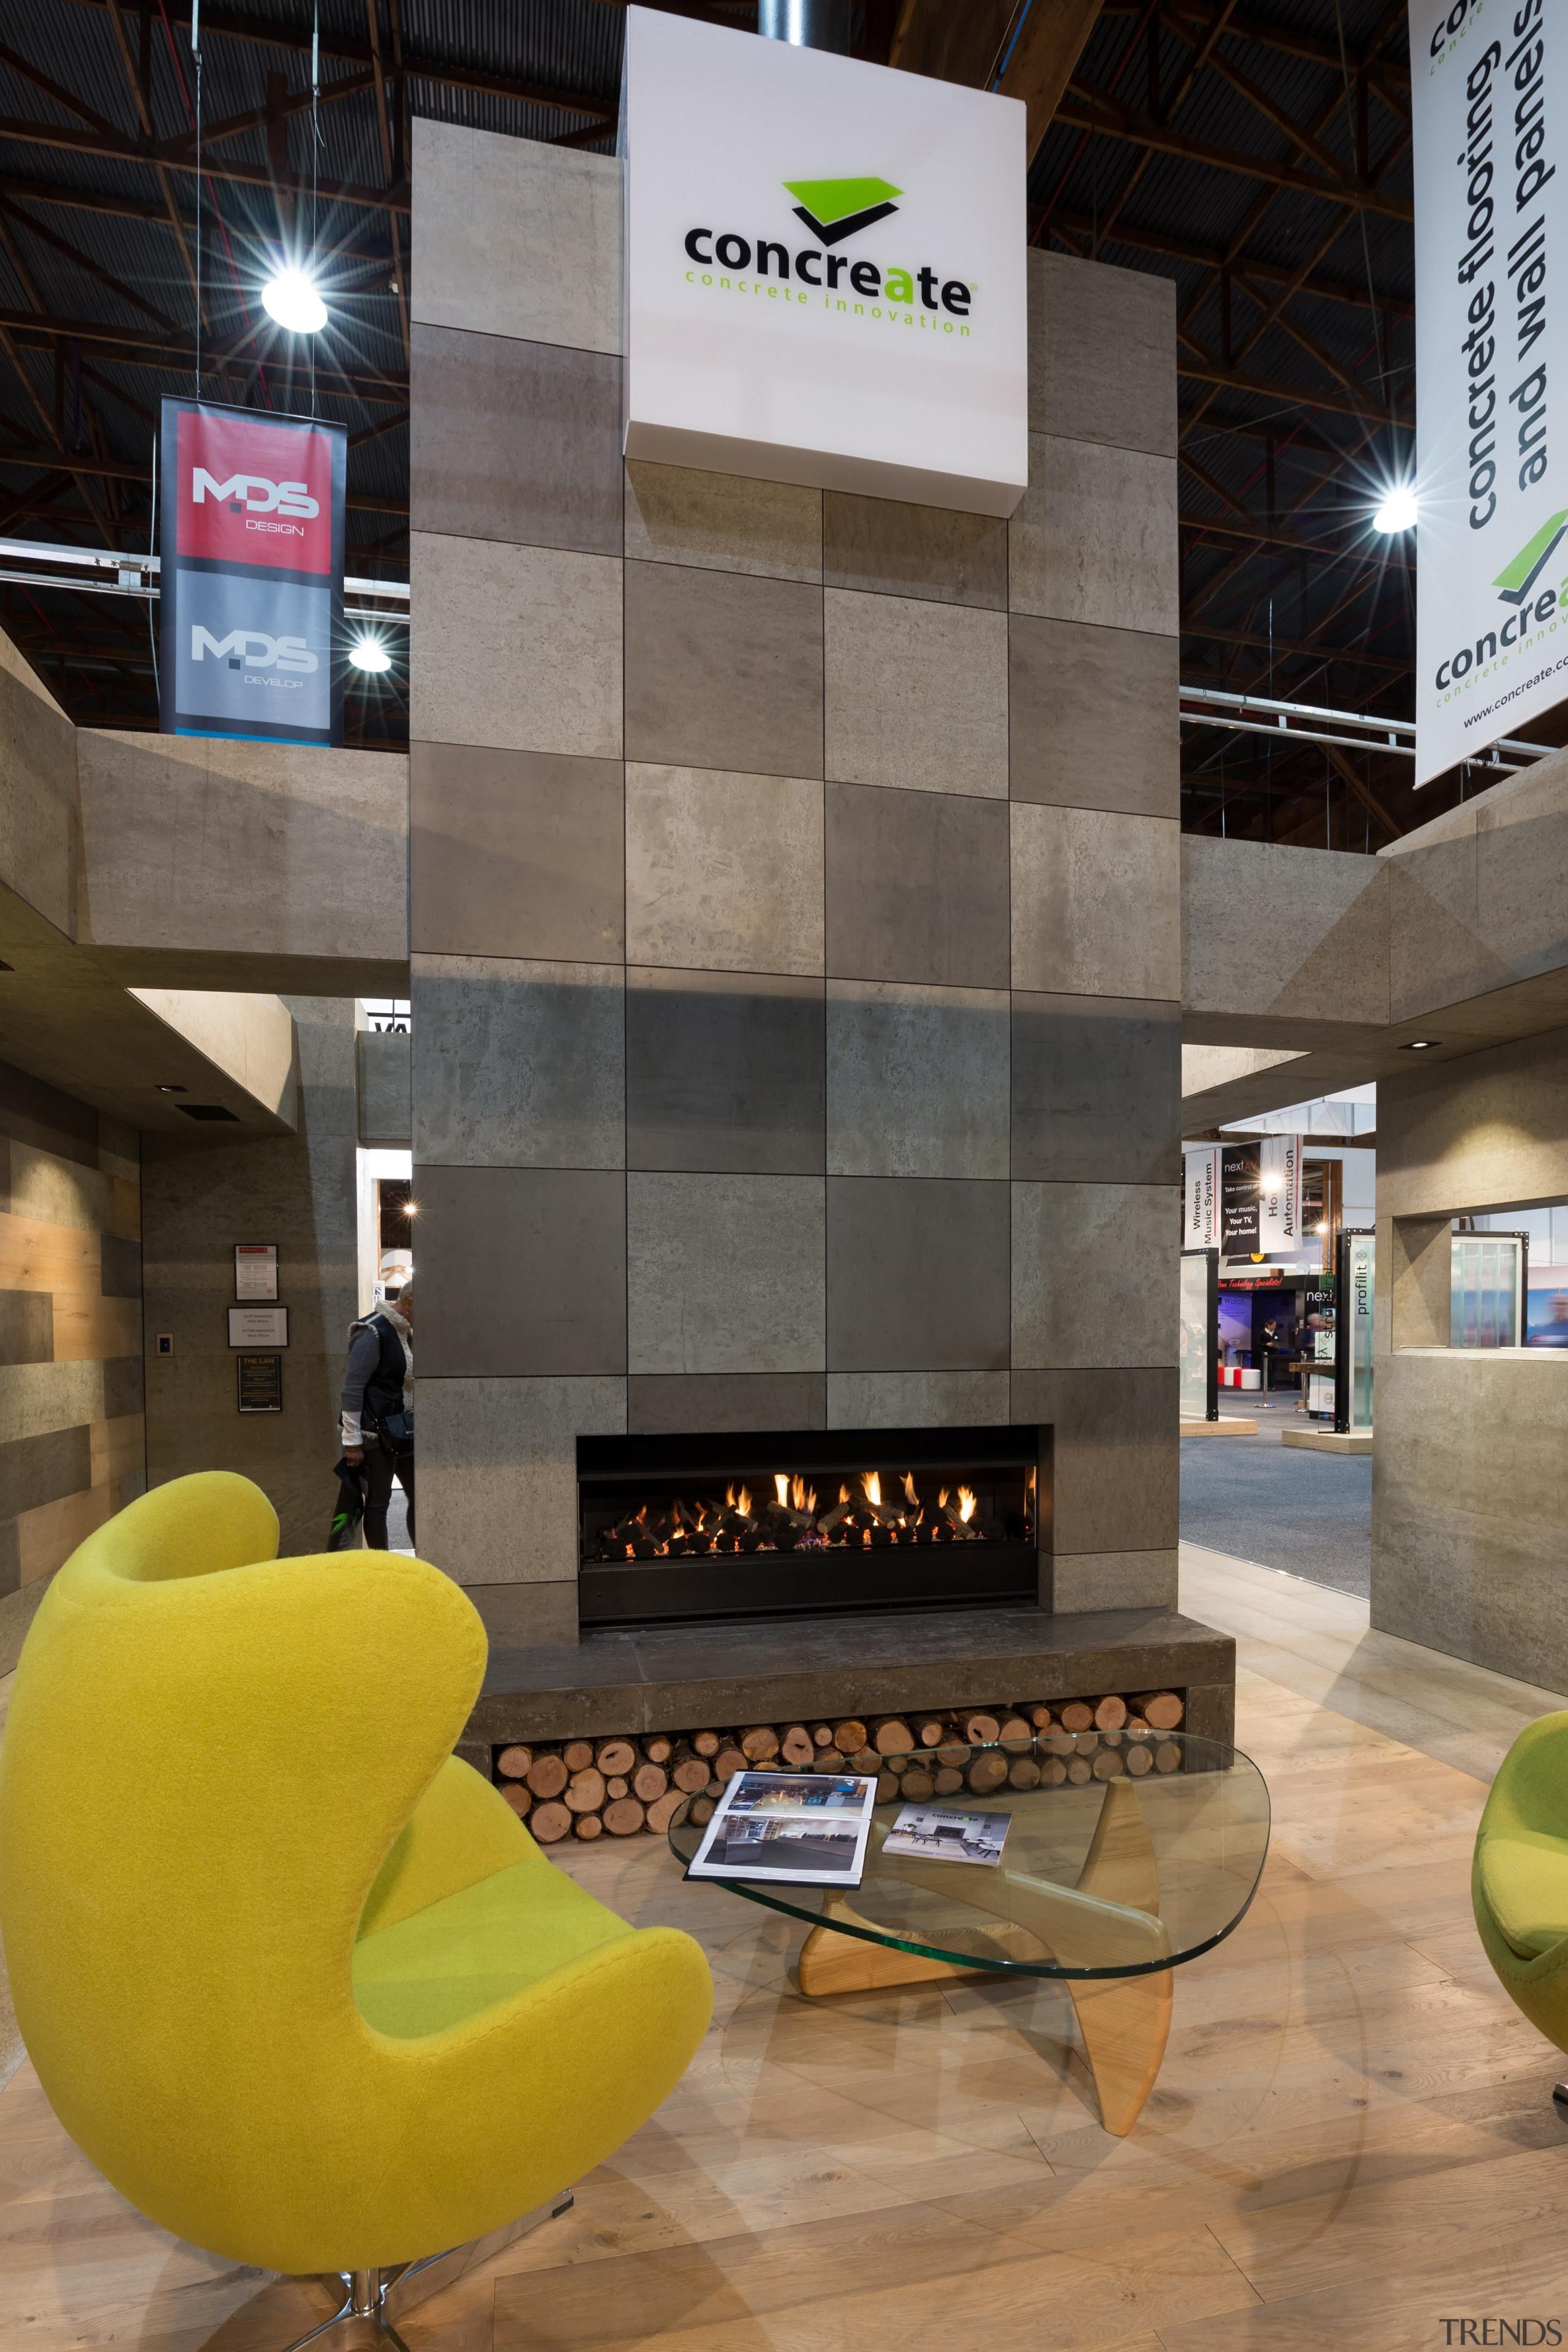 img6158.jpg - img6158.jpg - floor | flooring | floor, flooring, furniture, interior design, product design, table, gray, black